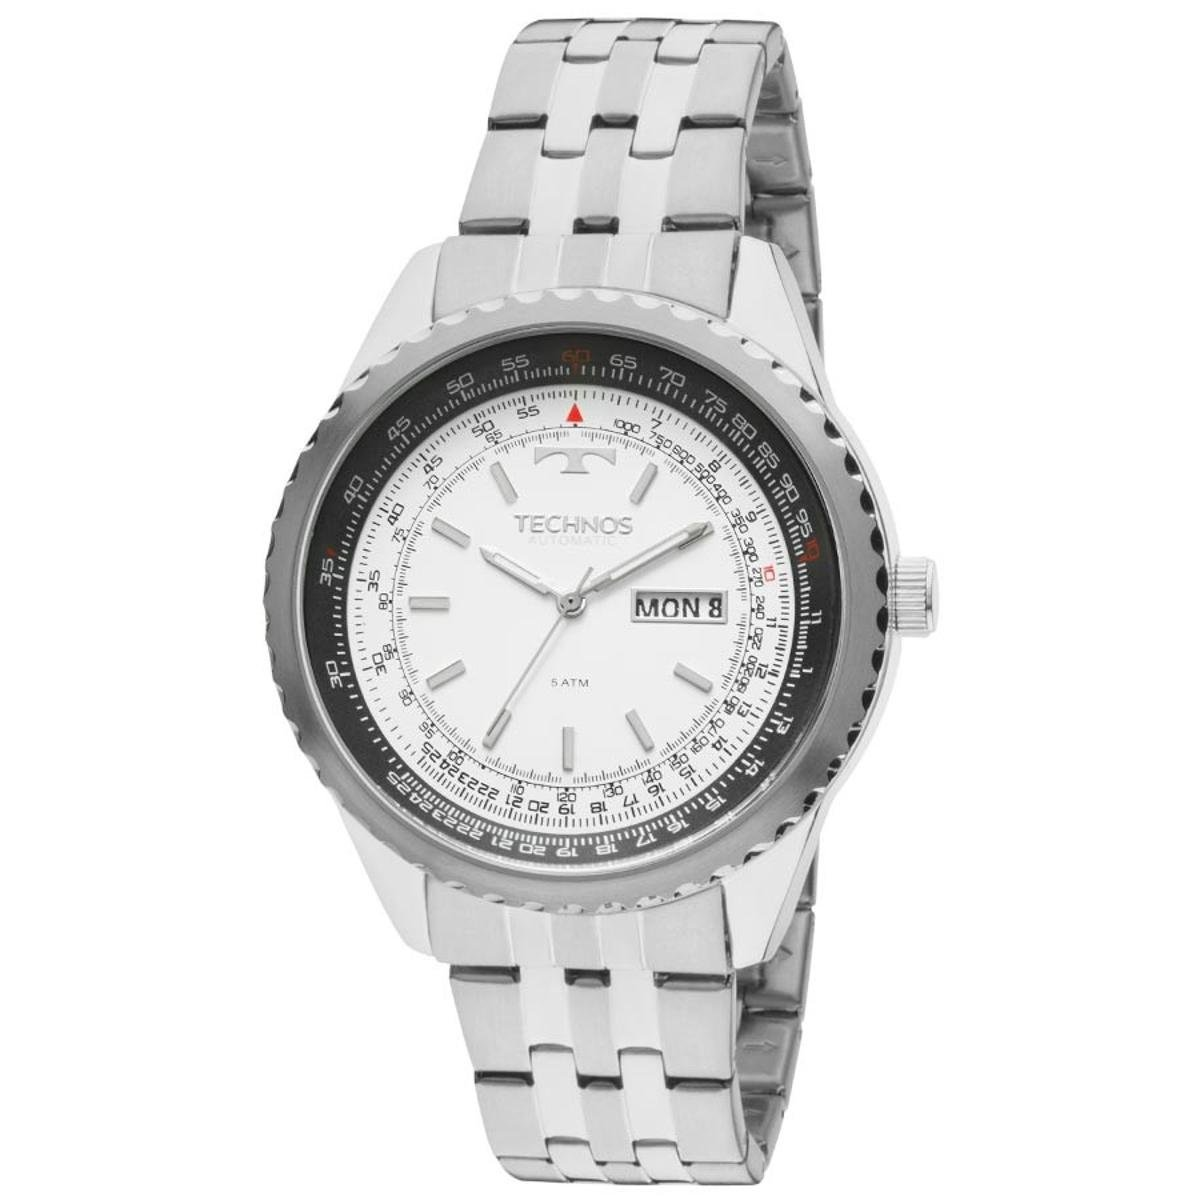 9e779cfcda1 Relógio Technos Automático 8205NM 1B - Única - Compre Agora